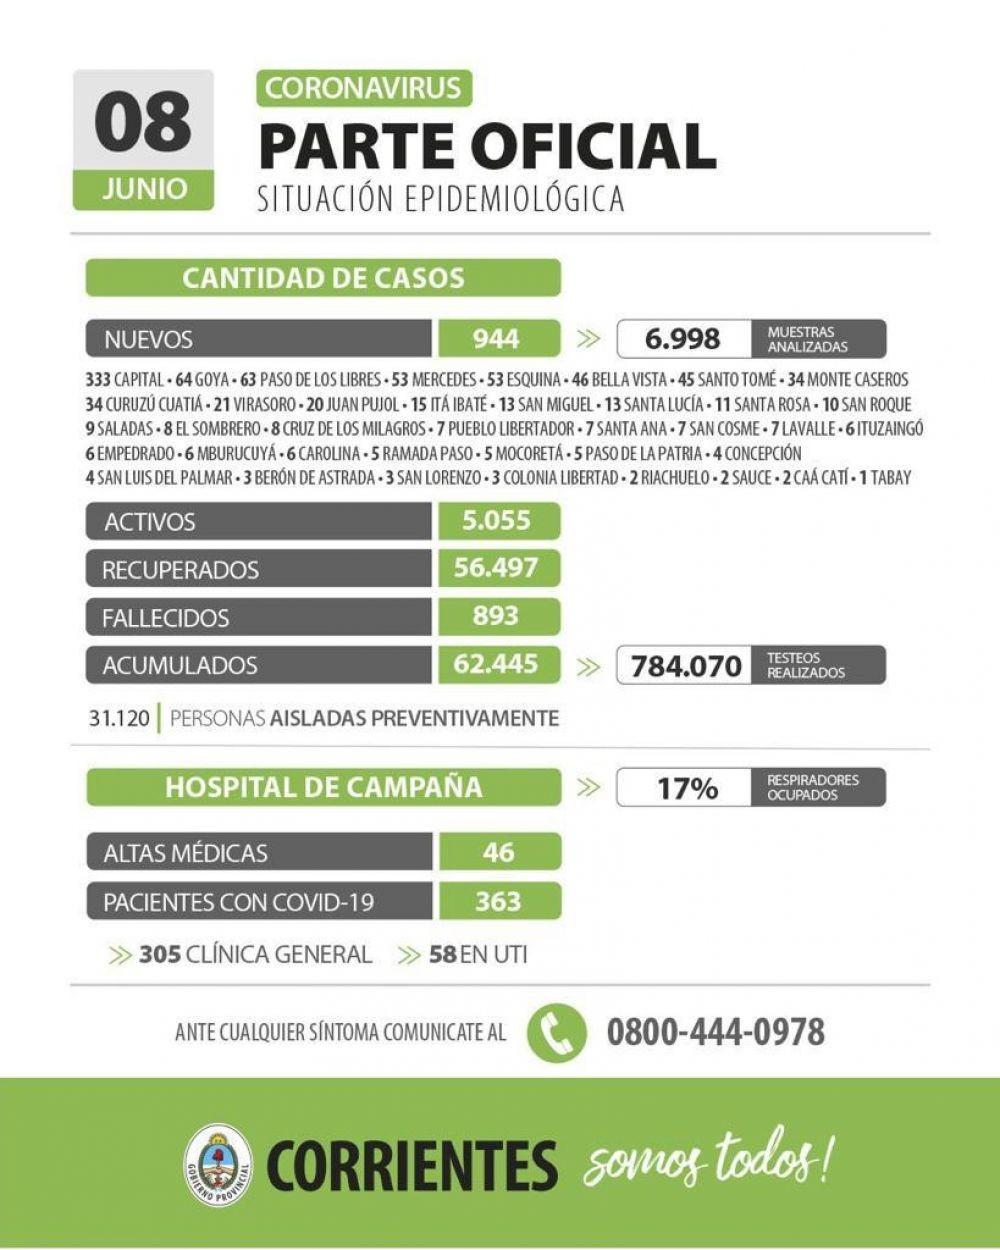 Informan de 944 nuevos casos de coronavirus en Corrientes